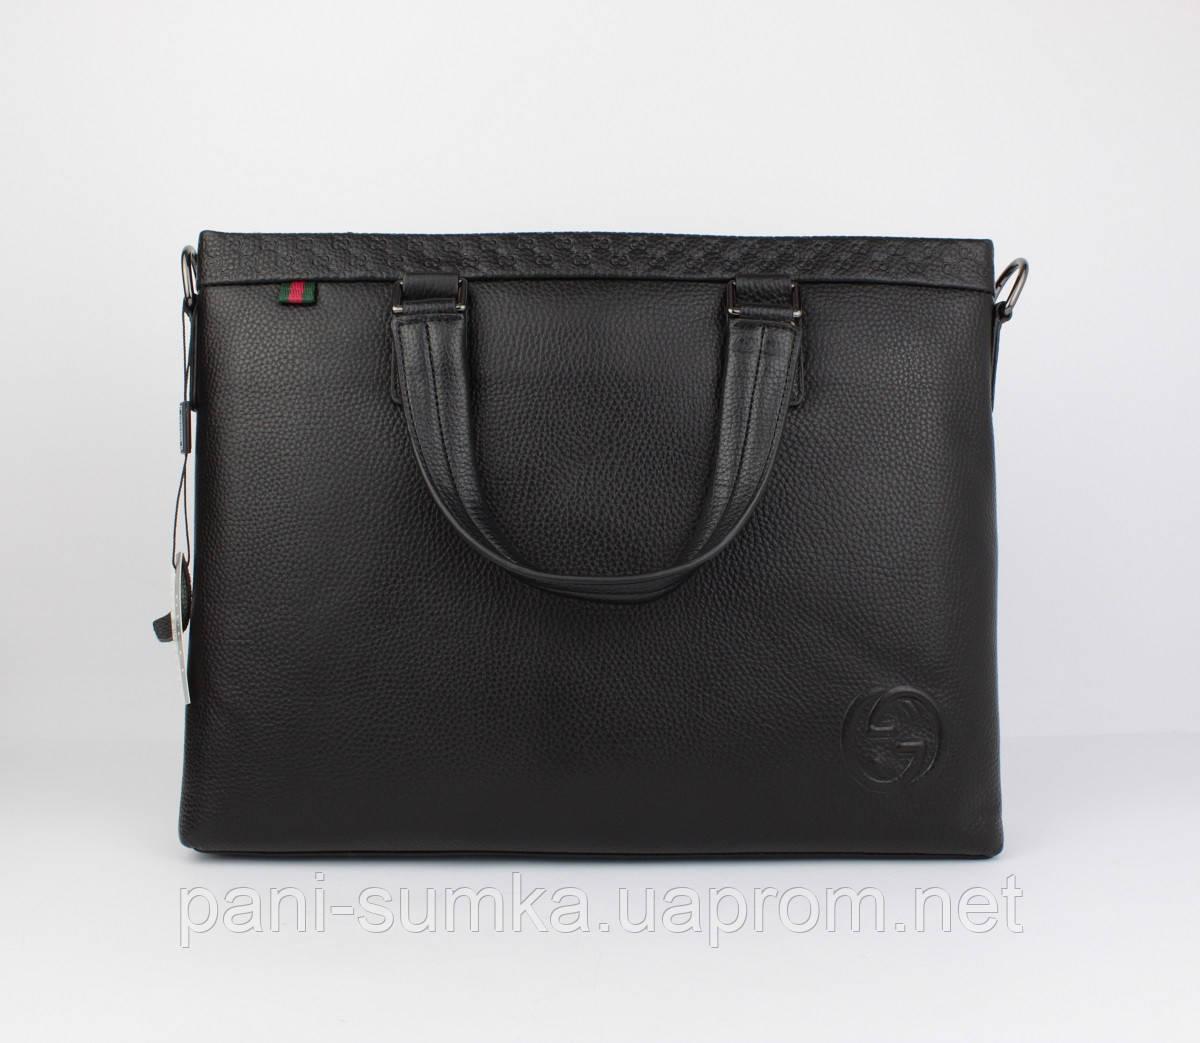 3c2cbd685522 Кожаный портфель, сумка для документов, папка Gucci 1104-1, 38*29*7 ...